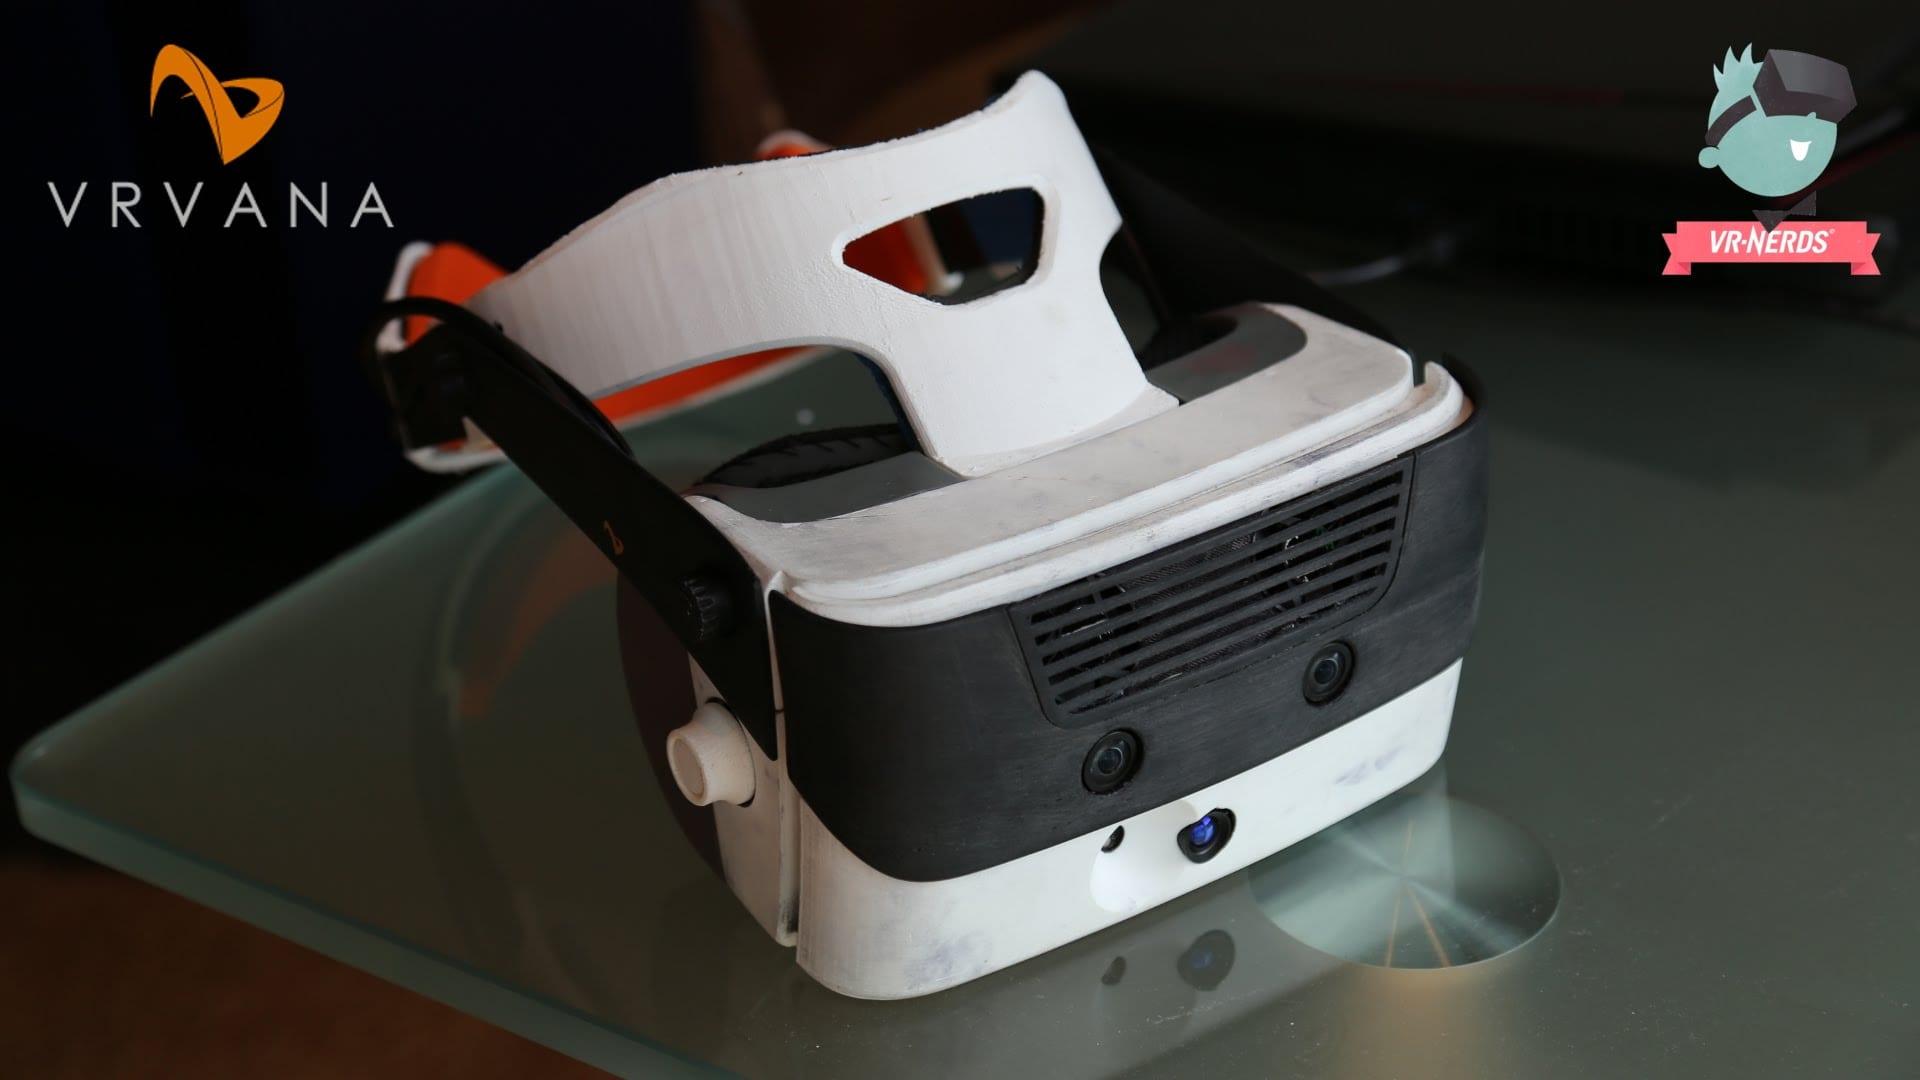 maxresdefault 1 - Apple odkúpil Vrvanu, spoločnosť s VR/AR headsetom Totem